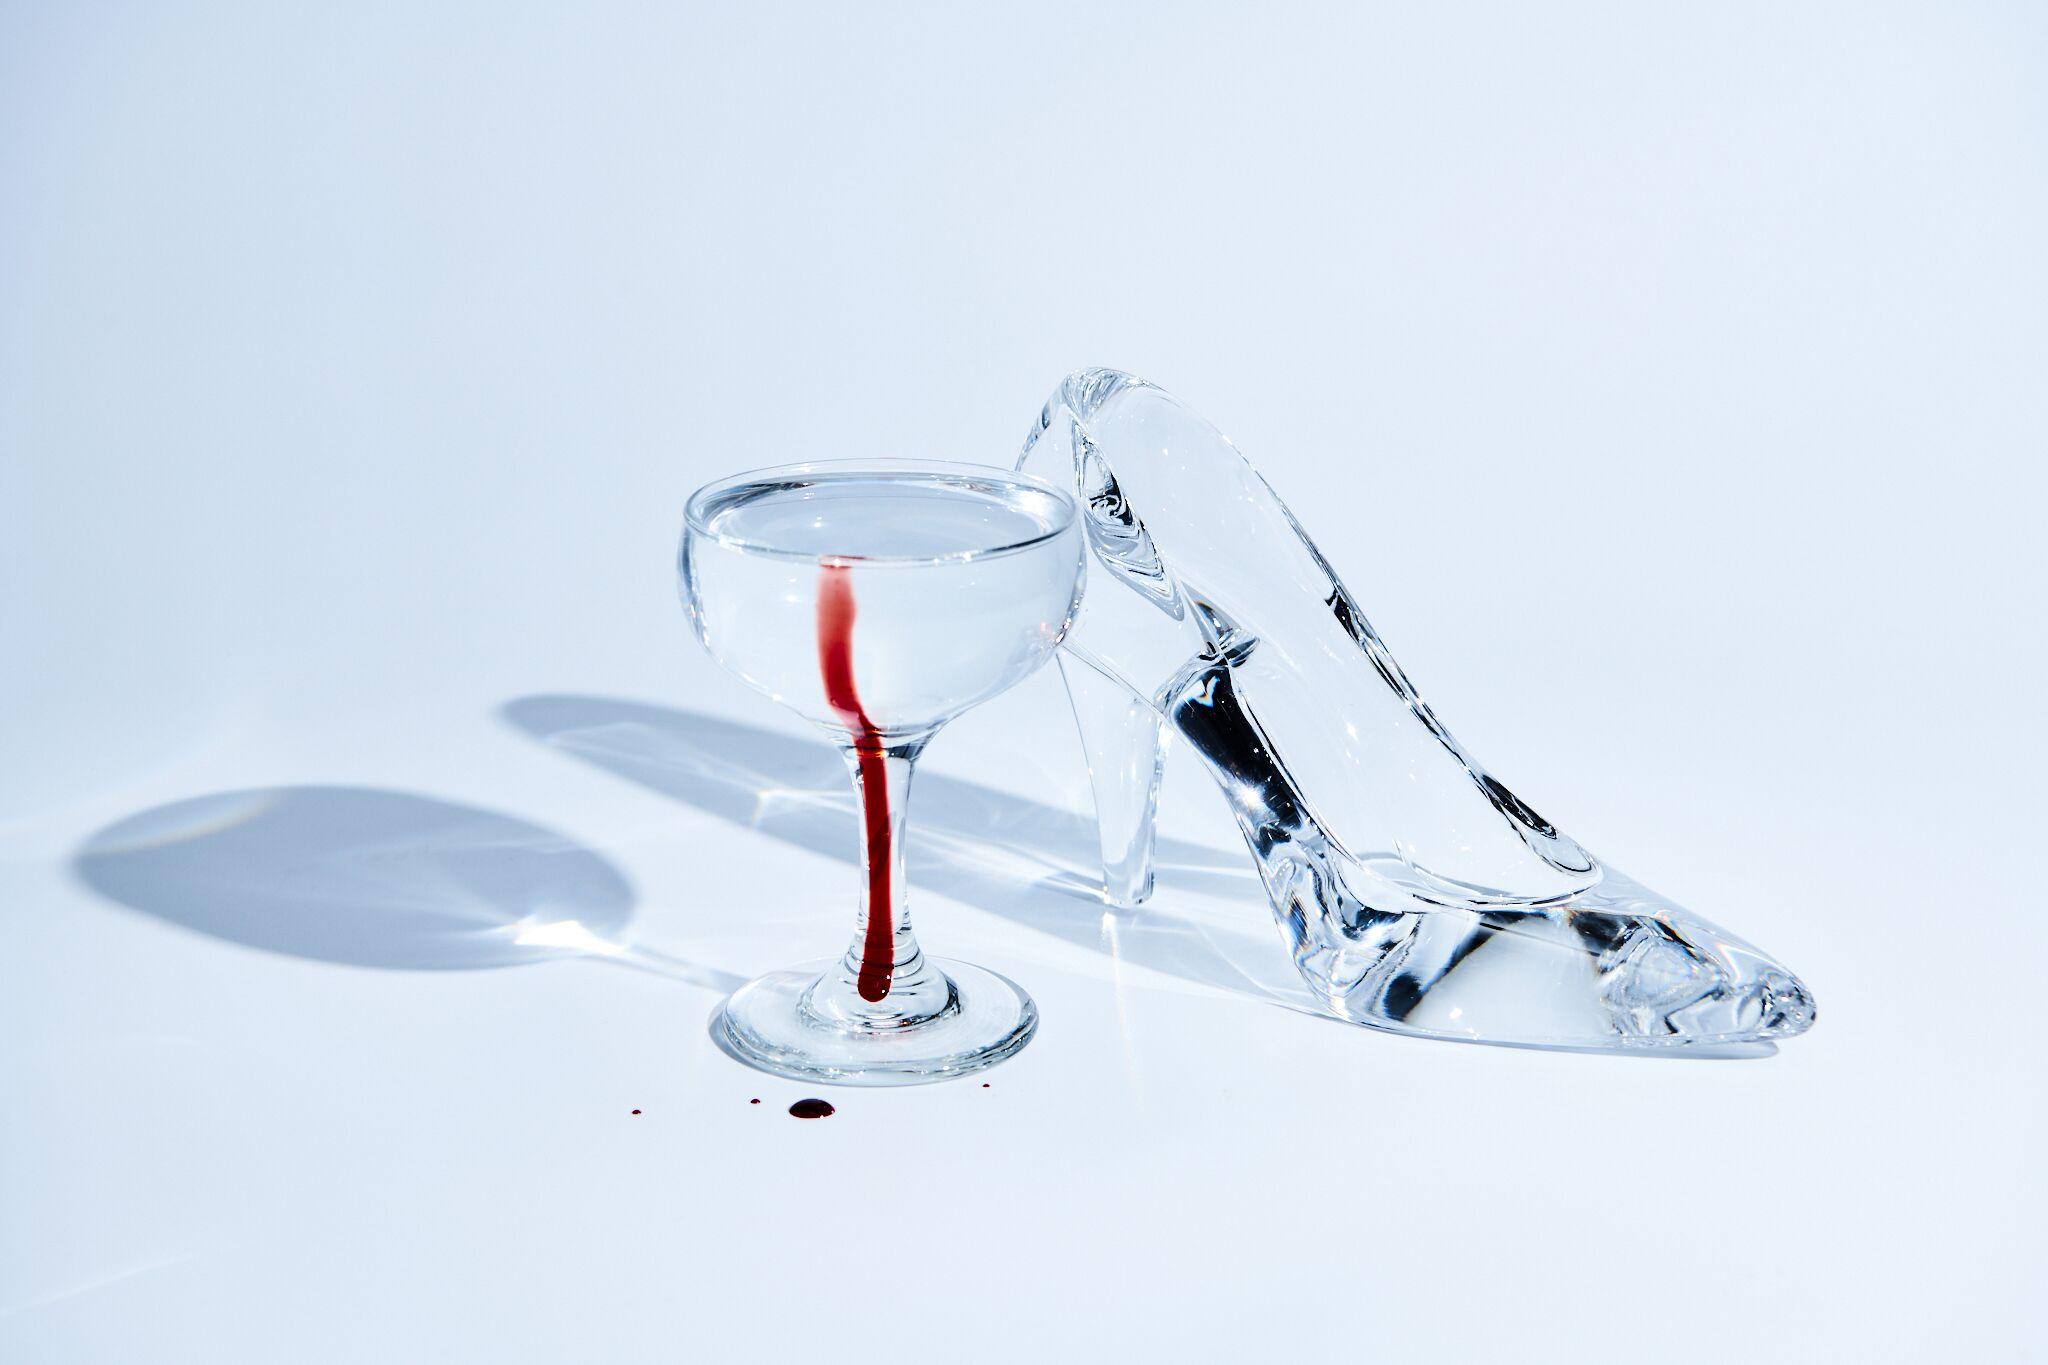 PUB Grimm glass slipper